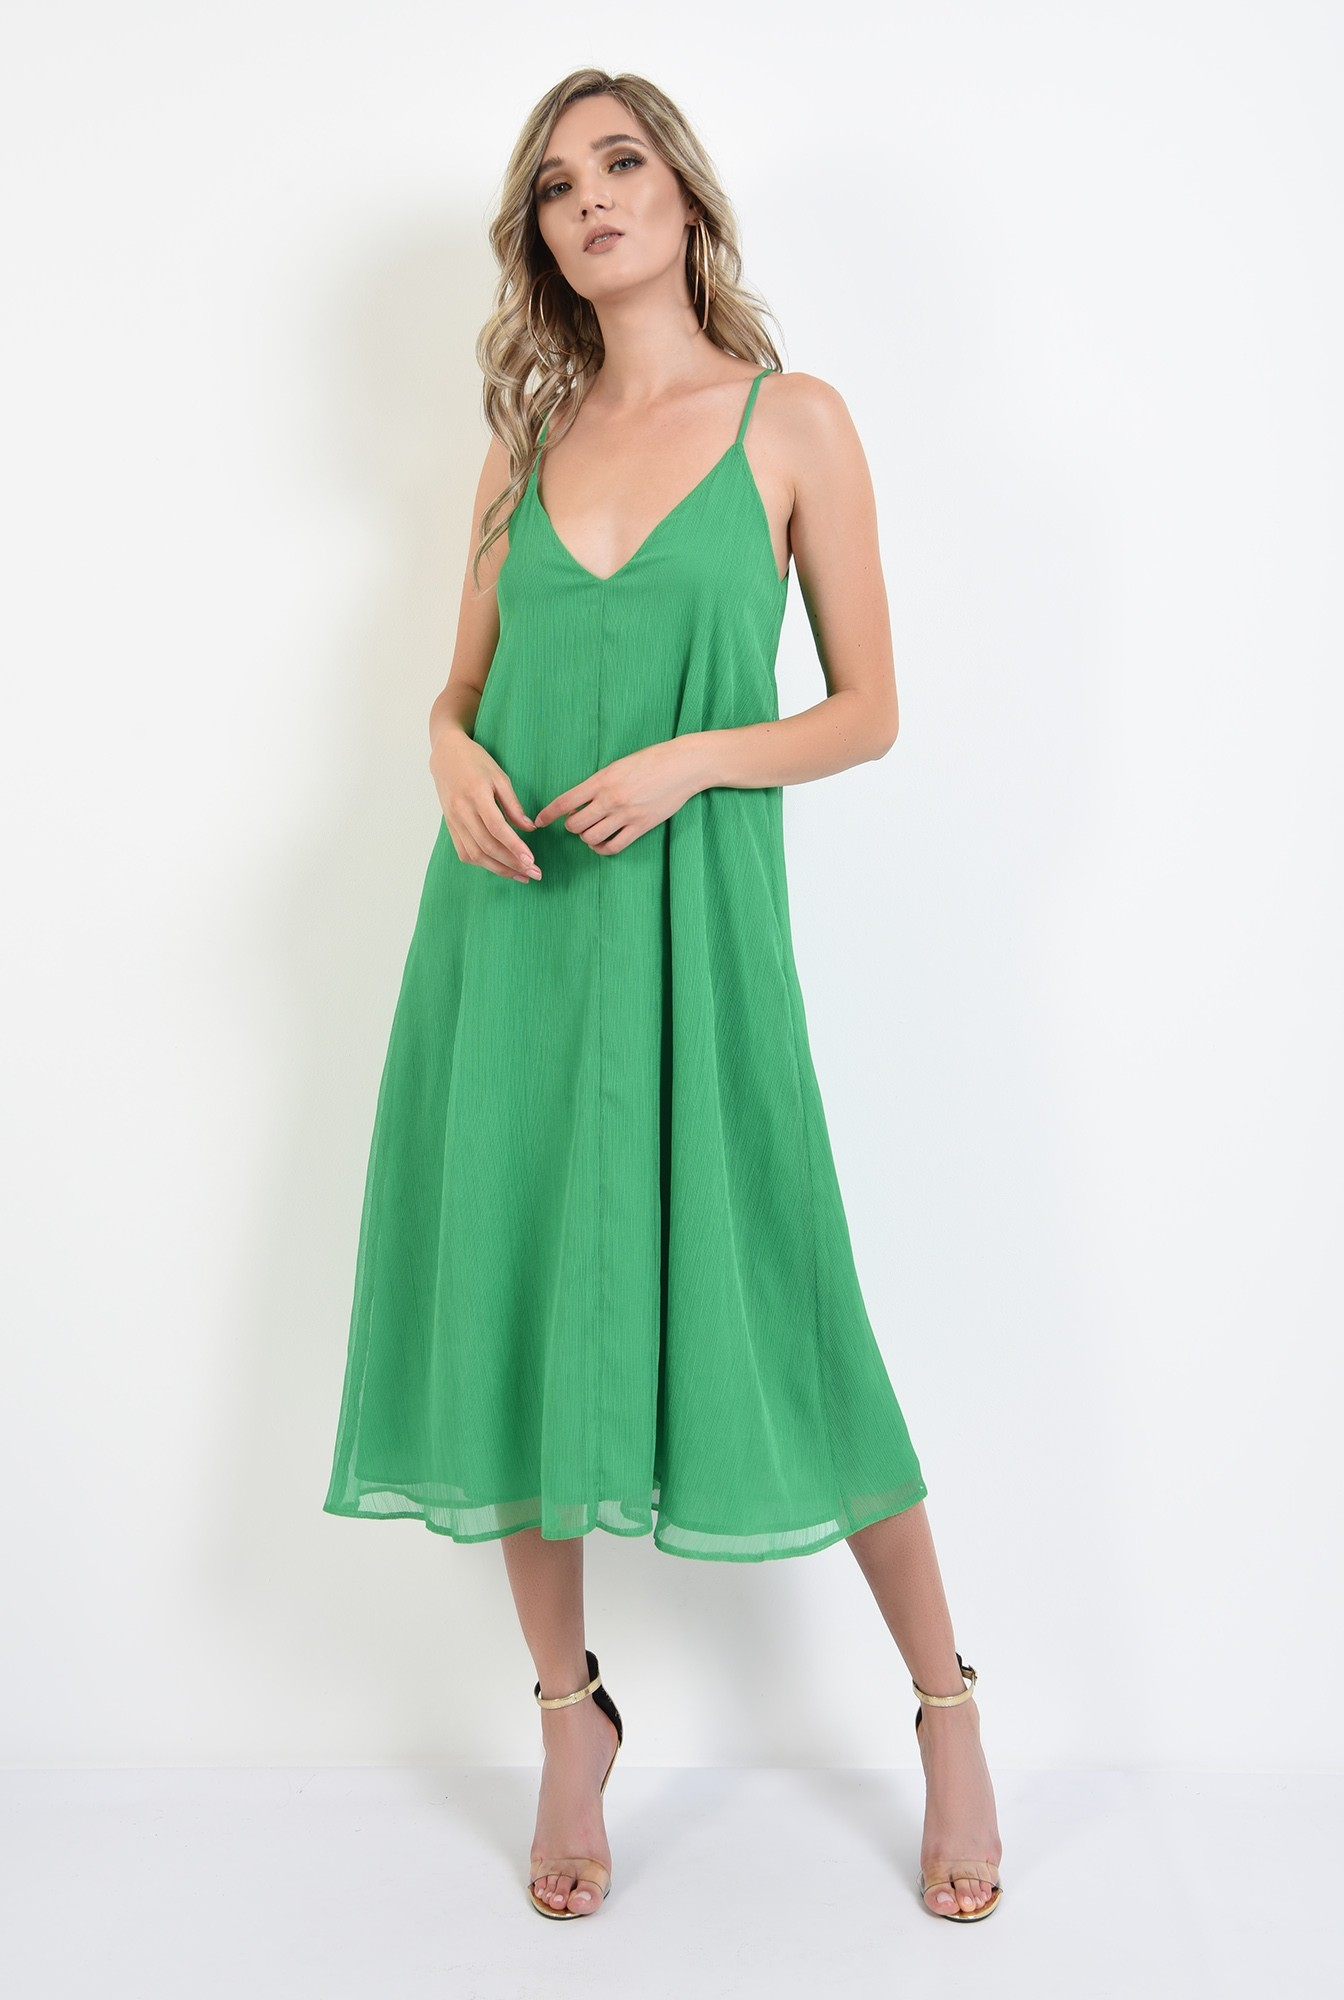 0 - 360 - rochie midi, tip furou, verde, Poema